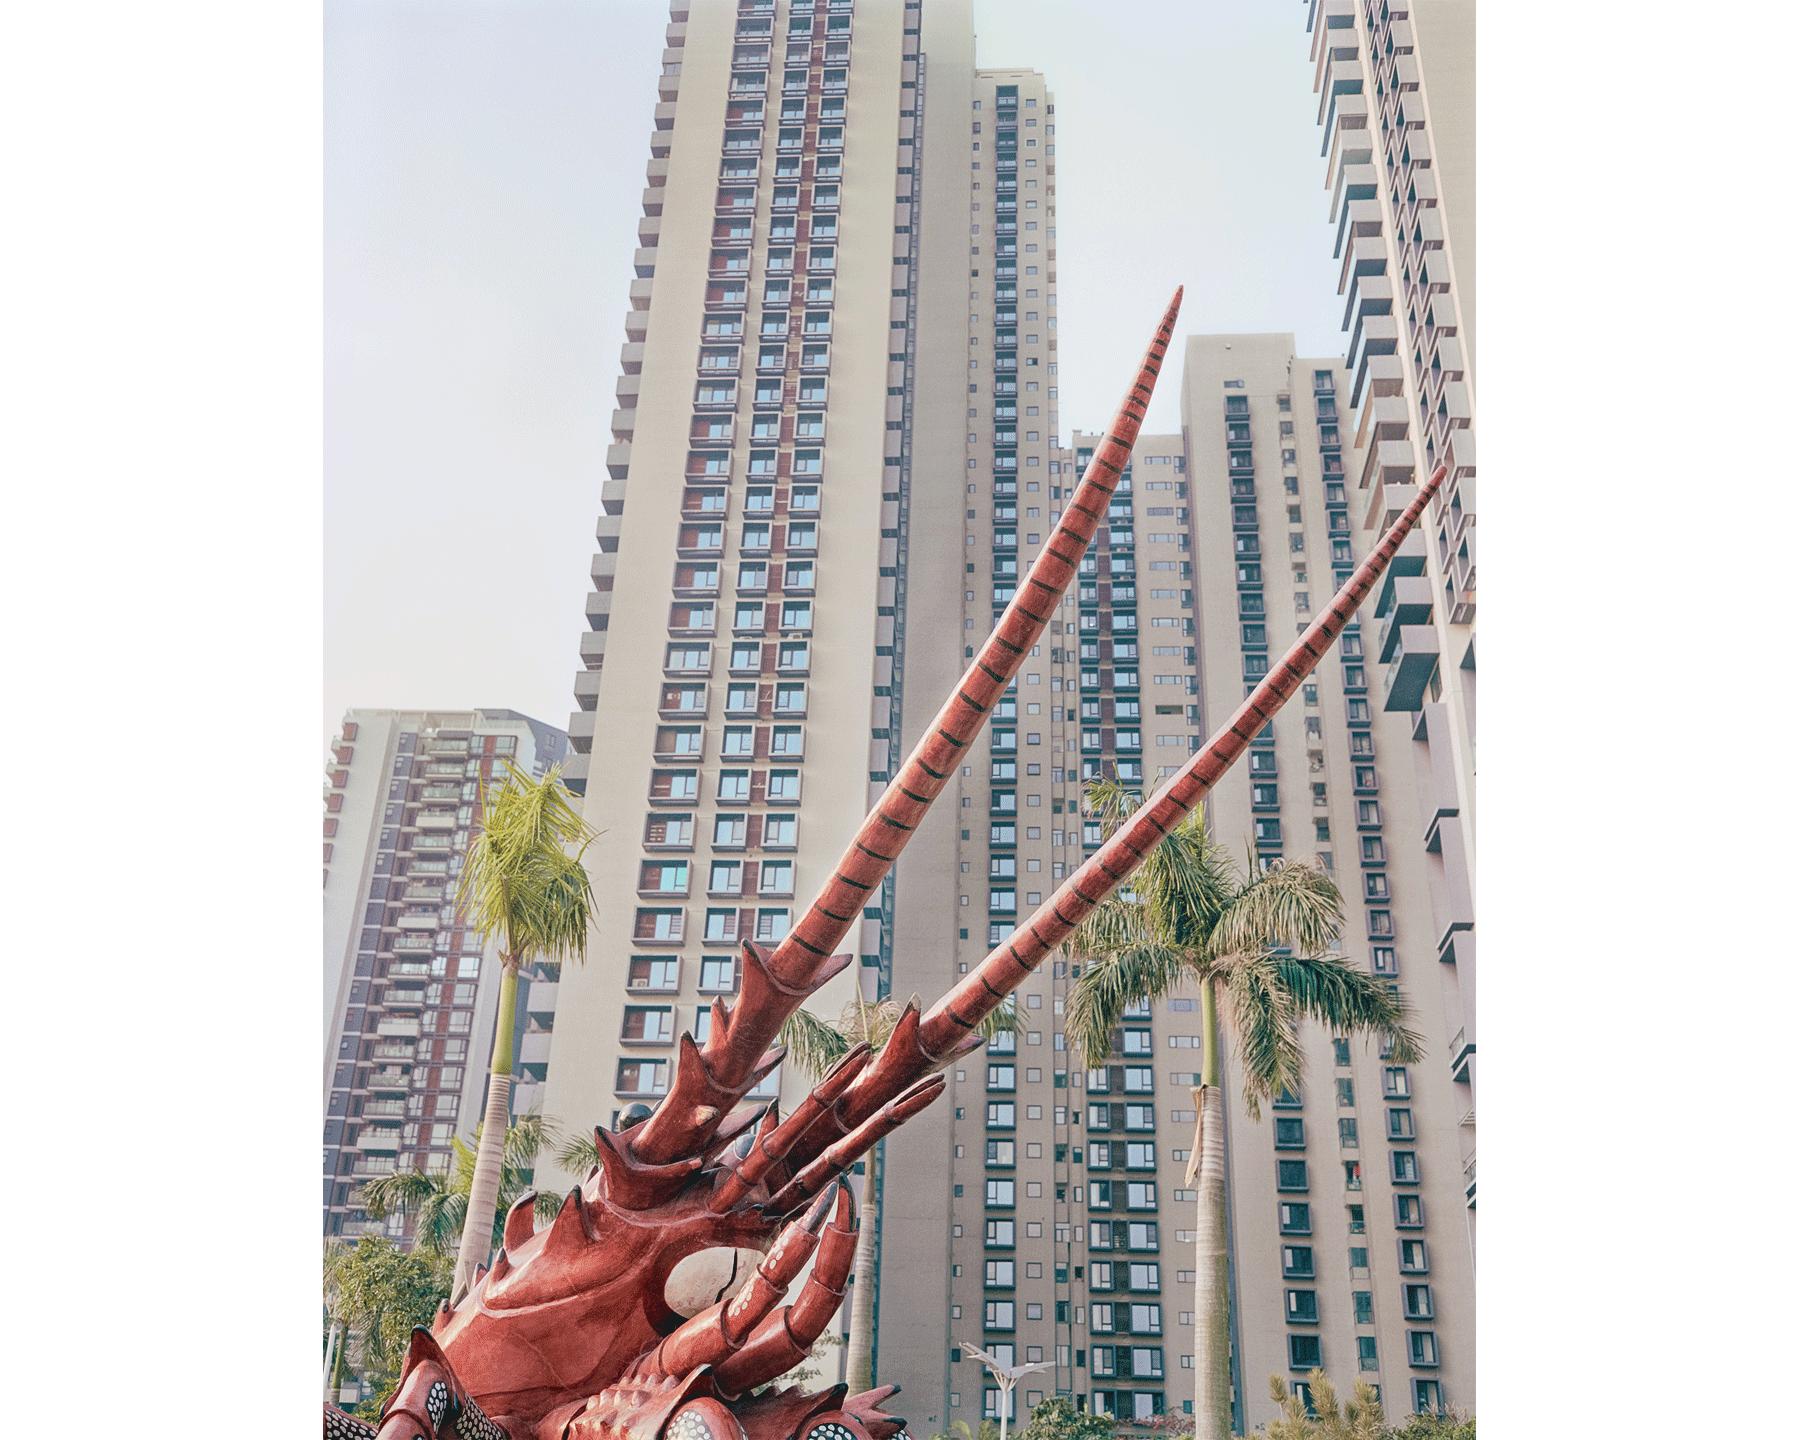 Shenzhen, Guangdong province, 2016.